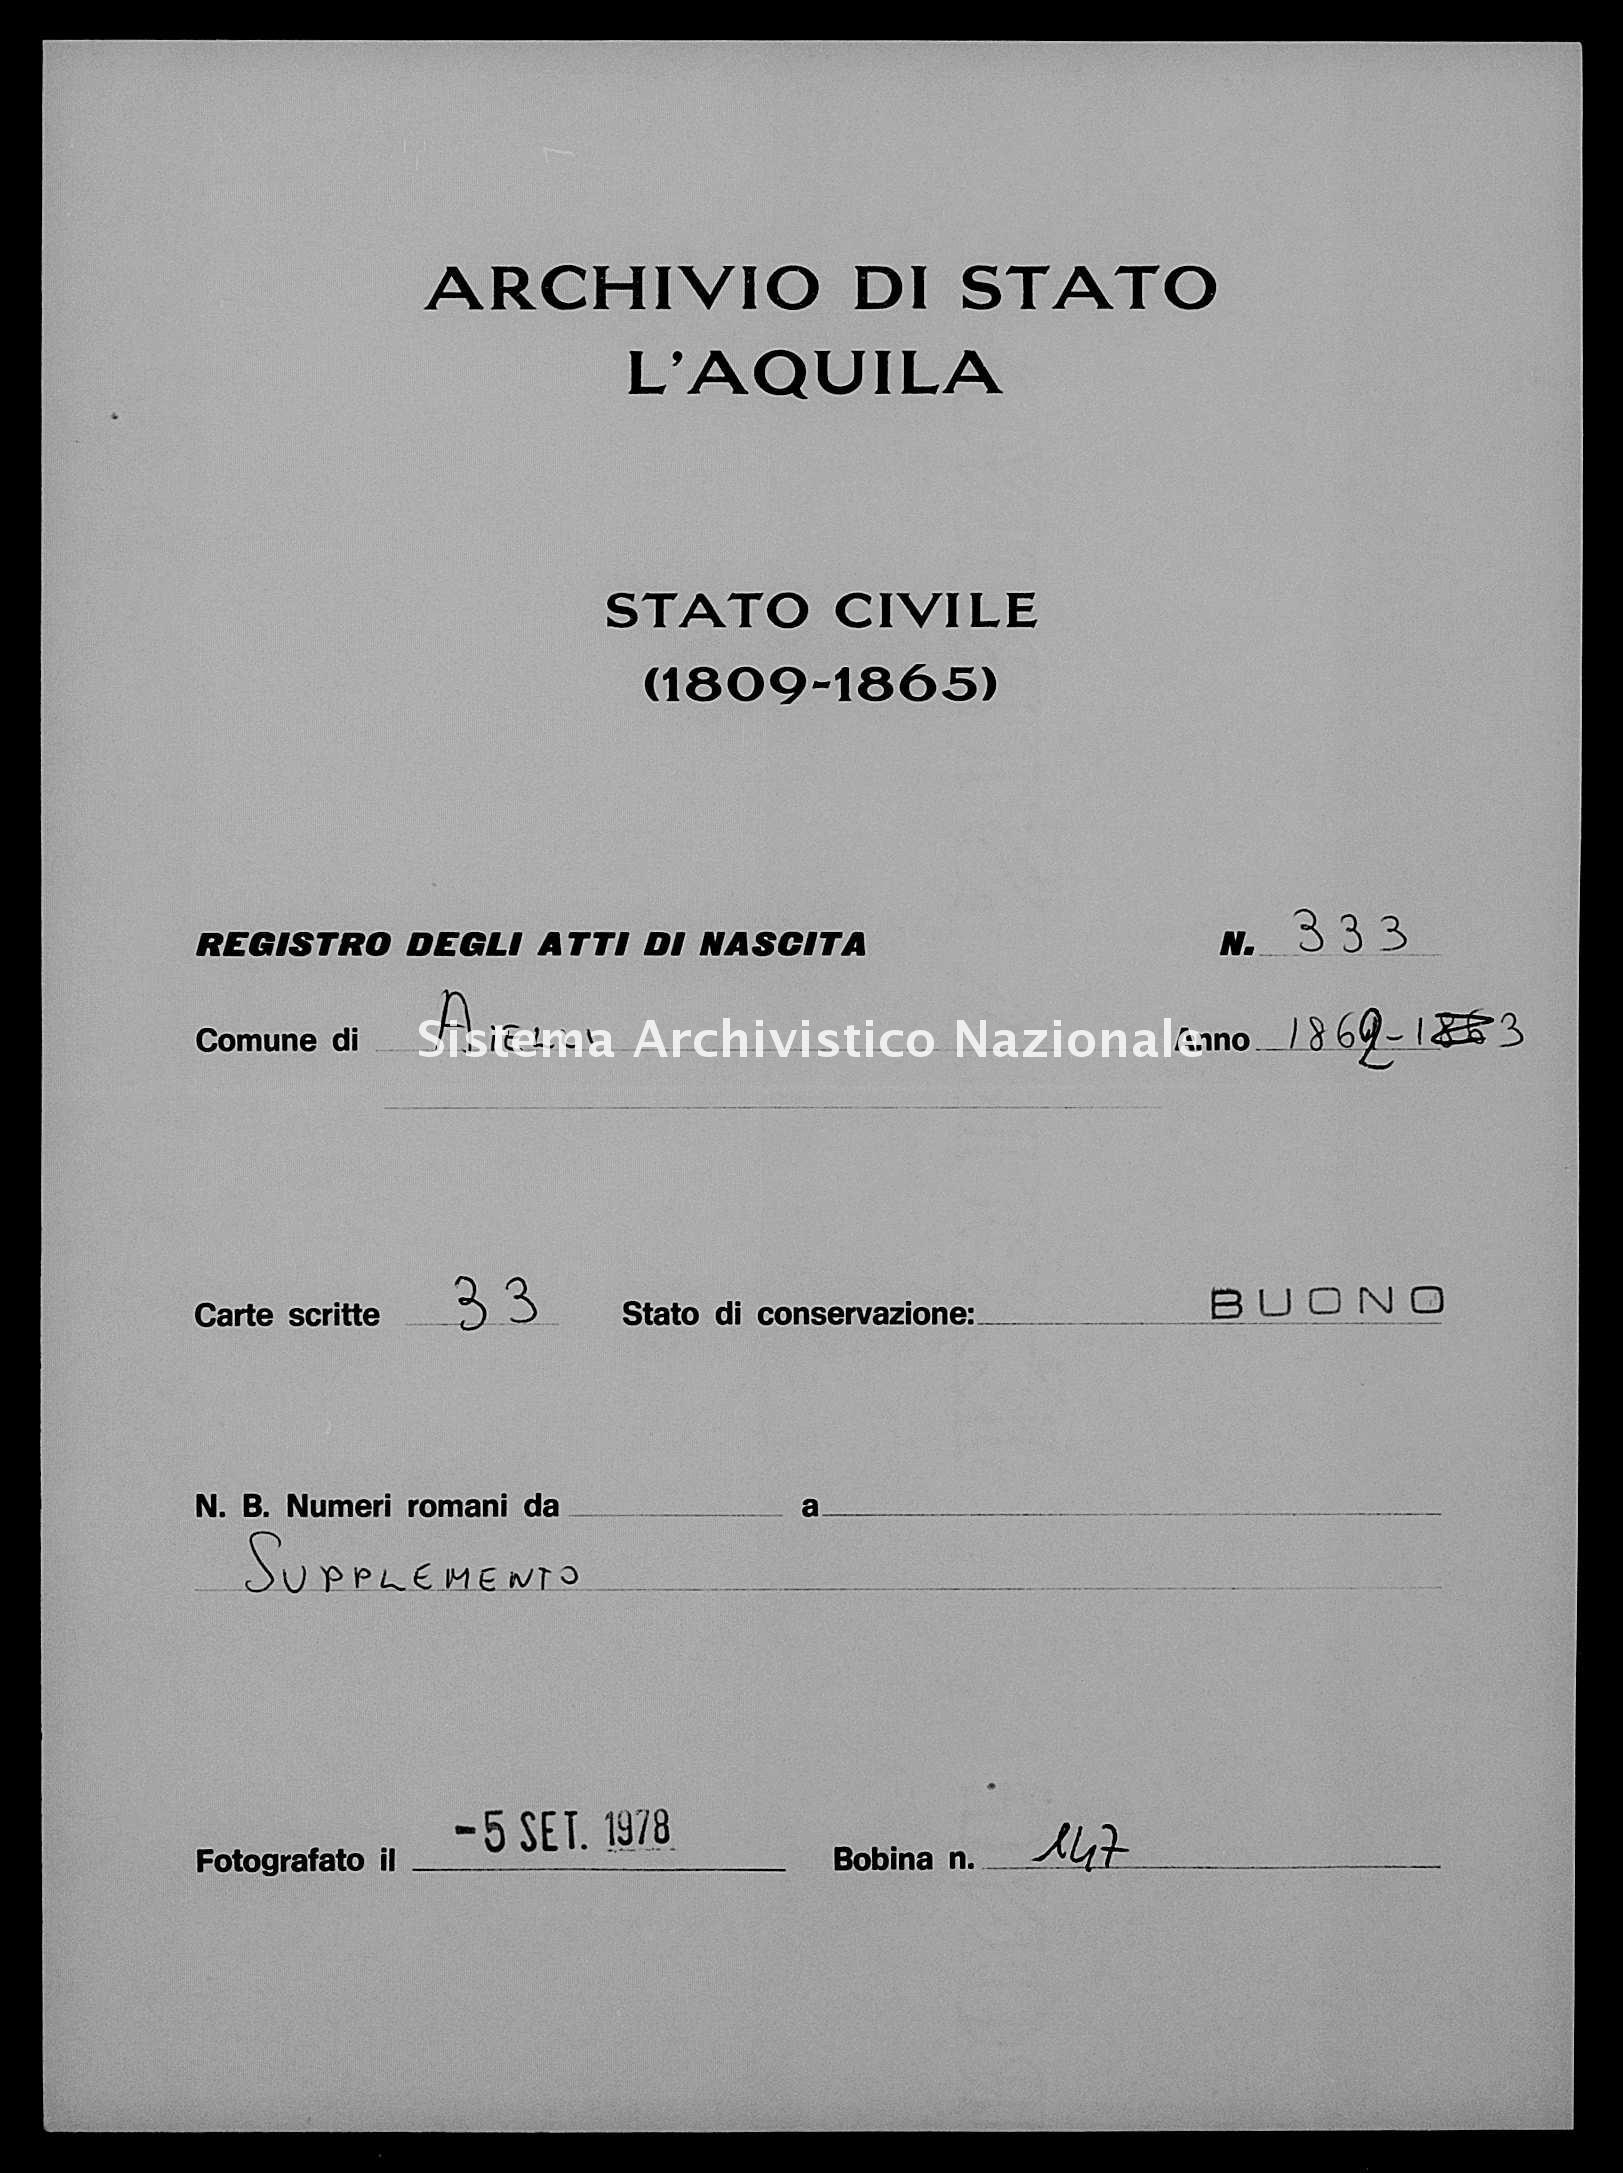 Archivio di stato di L'aquila - Stato civile italiano - Aielli - Nati, battesimi - 06/07/1862-31/12/1862 - 333 -